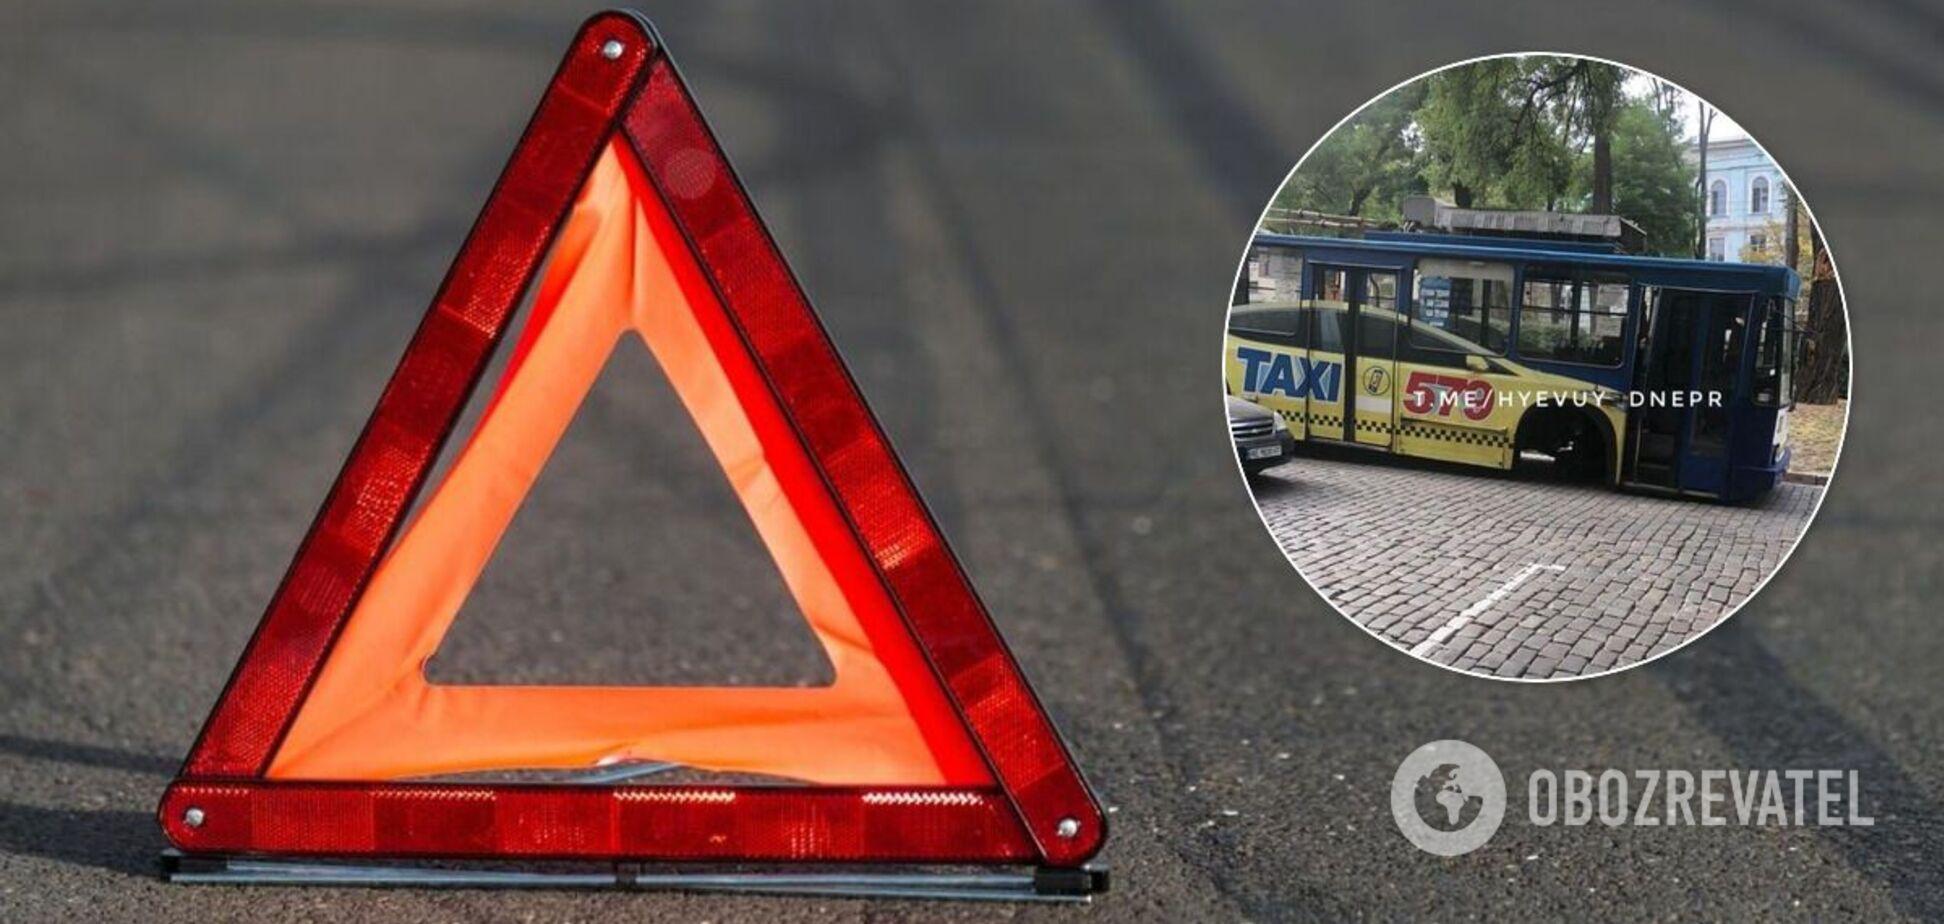 У Дніпрі у тролейбуса на ходу відвалилося колесо і влетіло в магазин. Фото